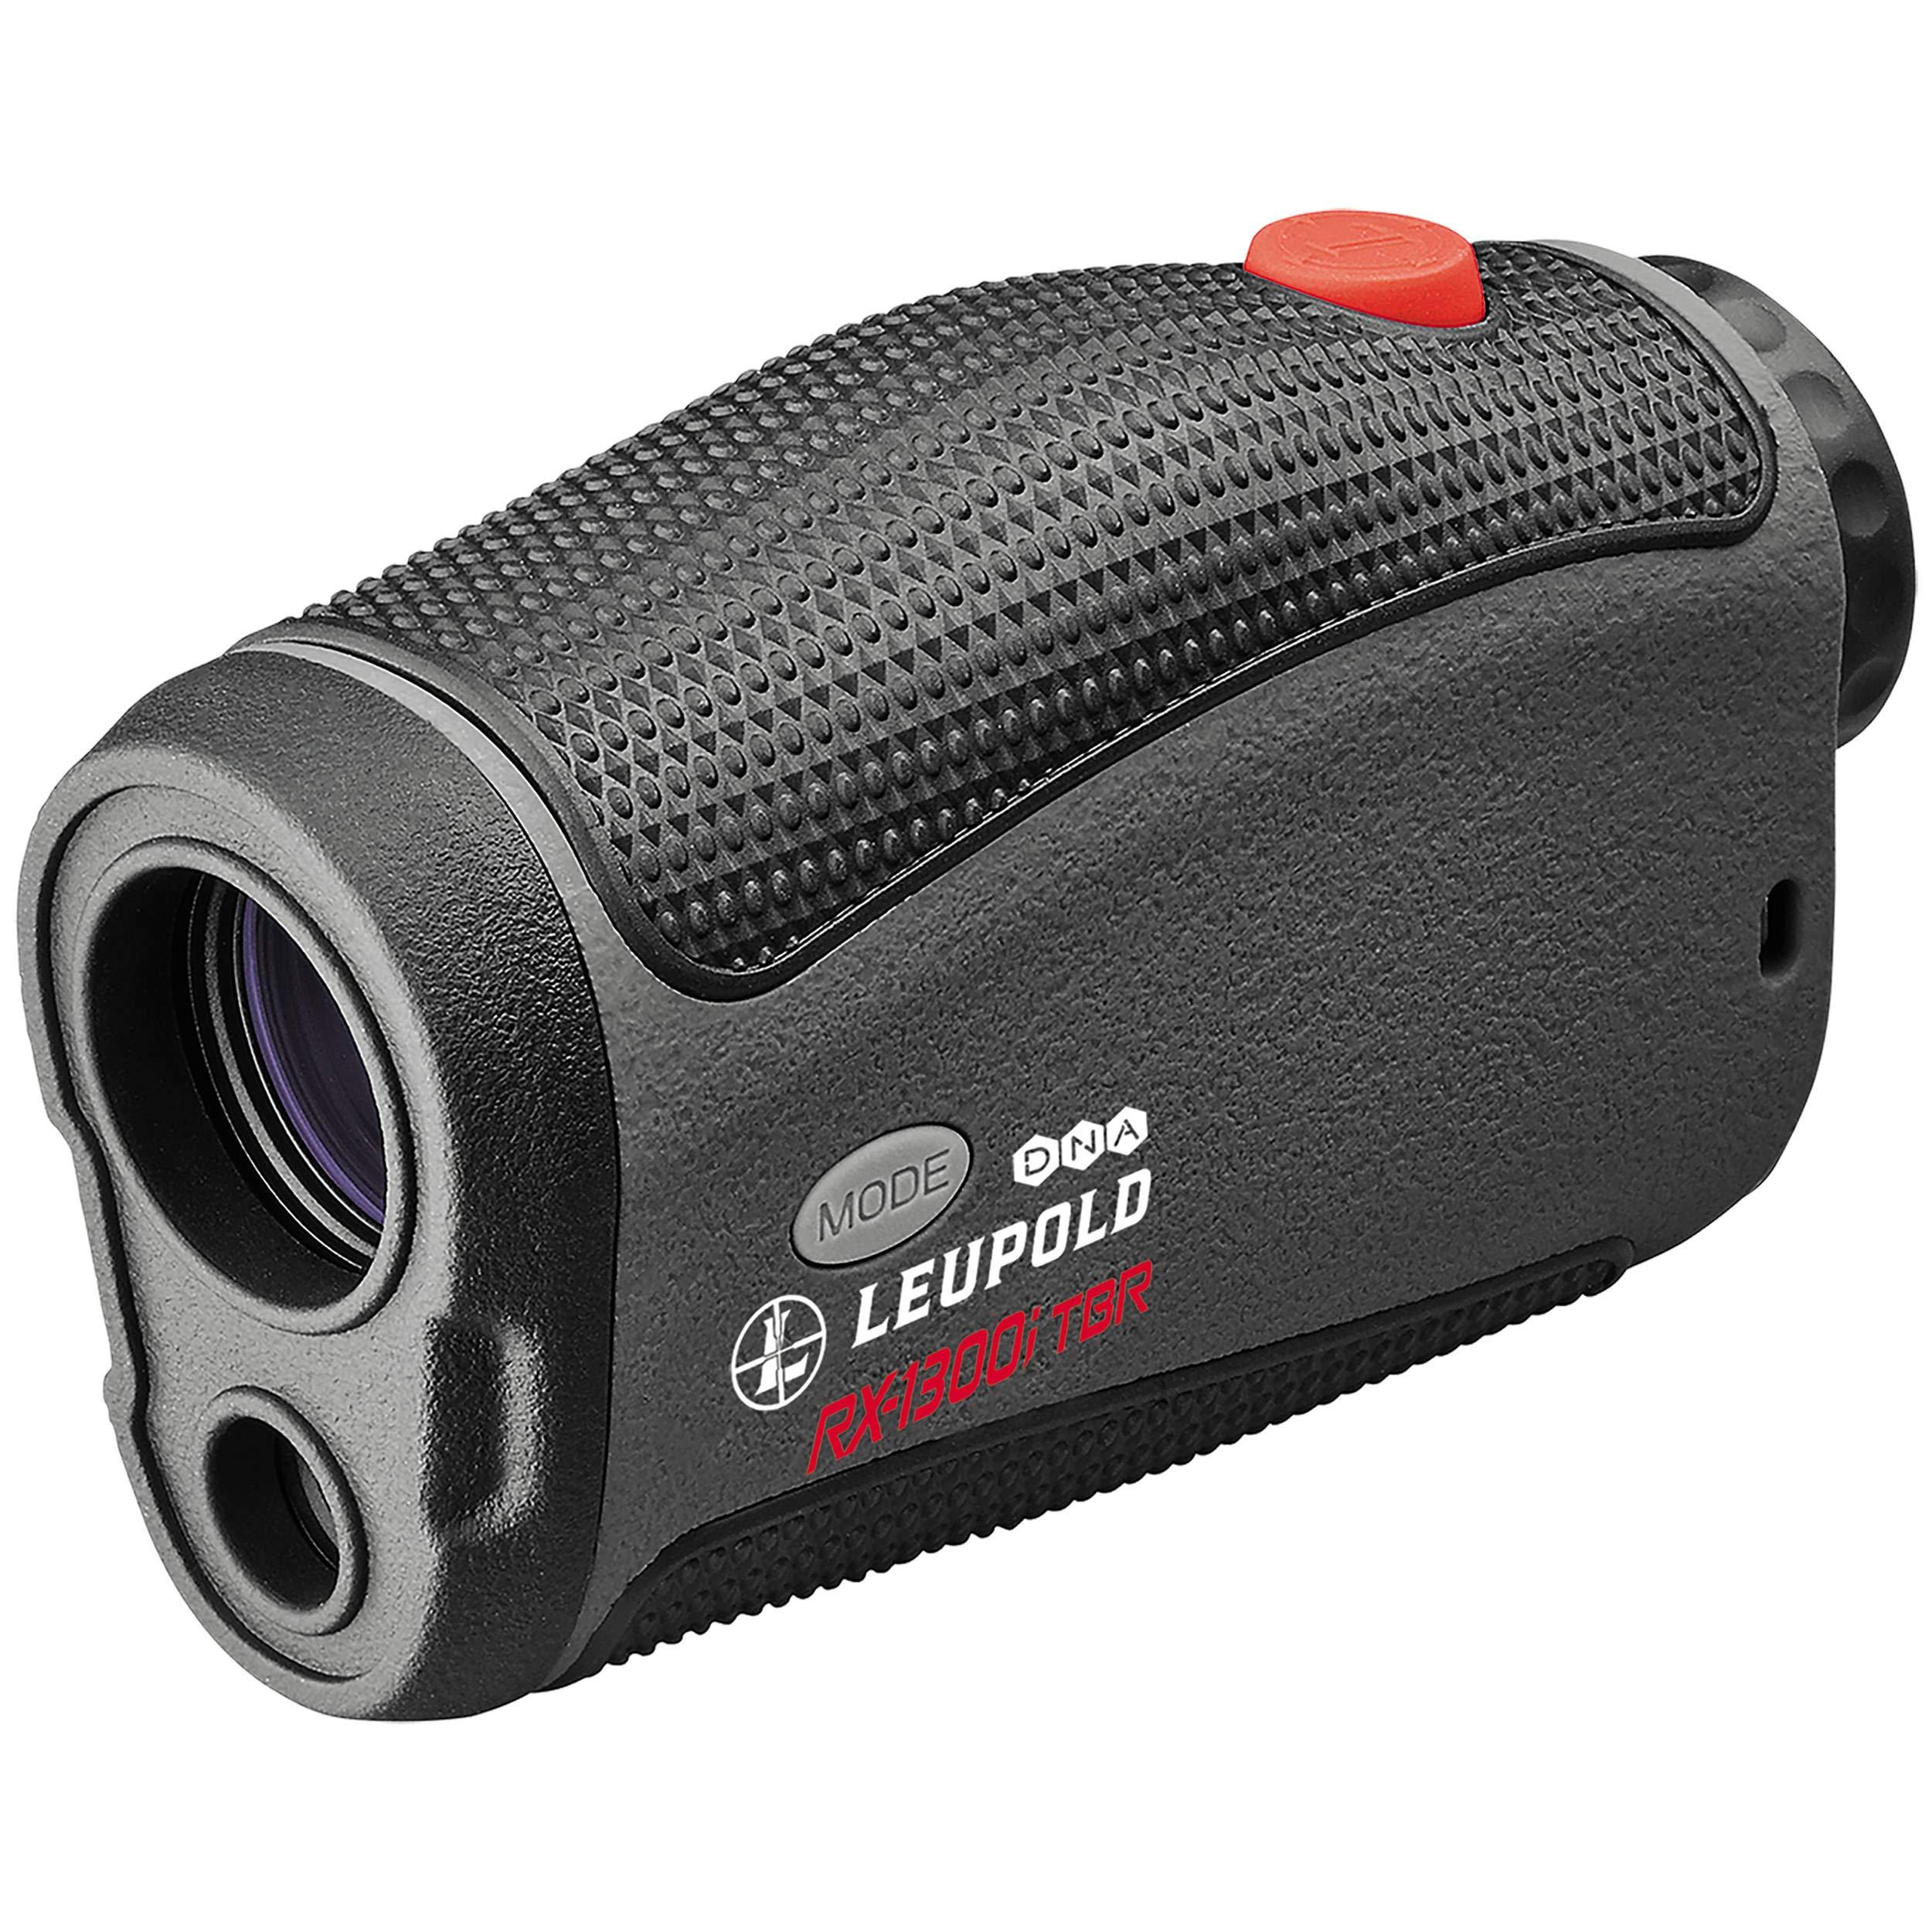 Leupold RX-1300i TBR Laser Rangefinder with DNA, Black/Gray